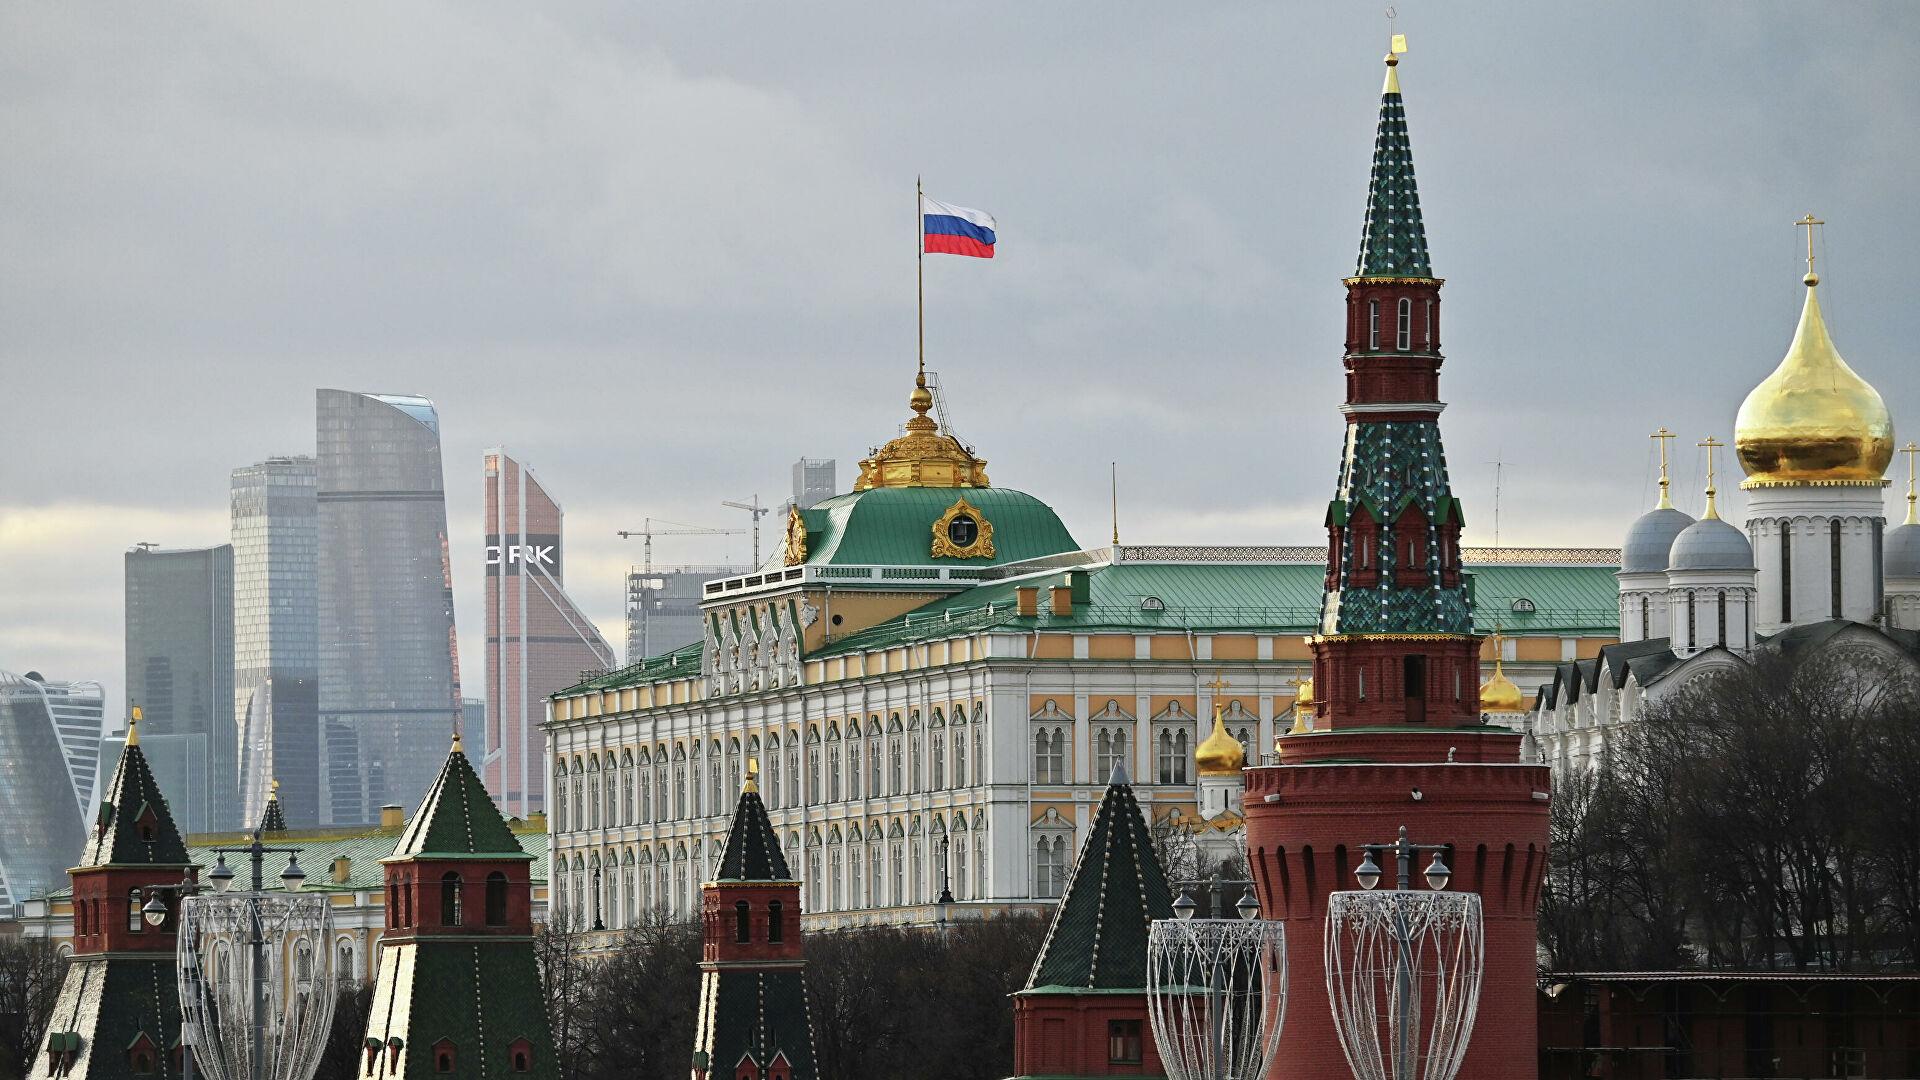 zelenskij predupredil kreml chto u nego bolshe net vremeni s nim razbiratsya